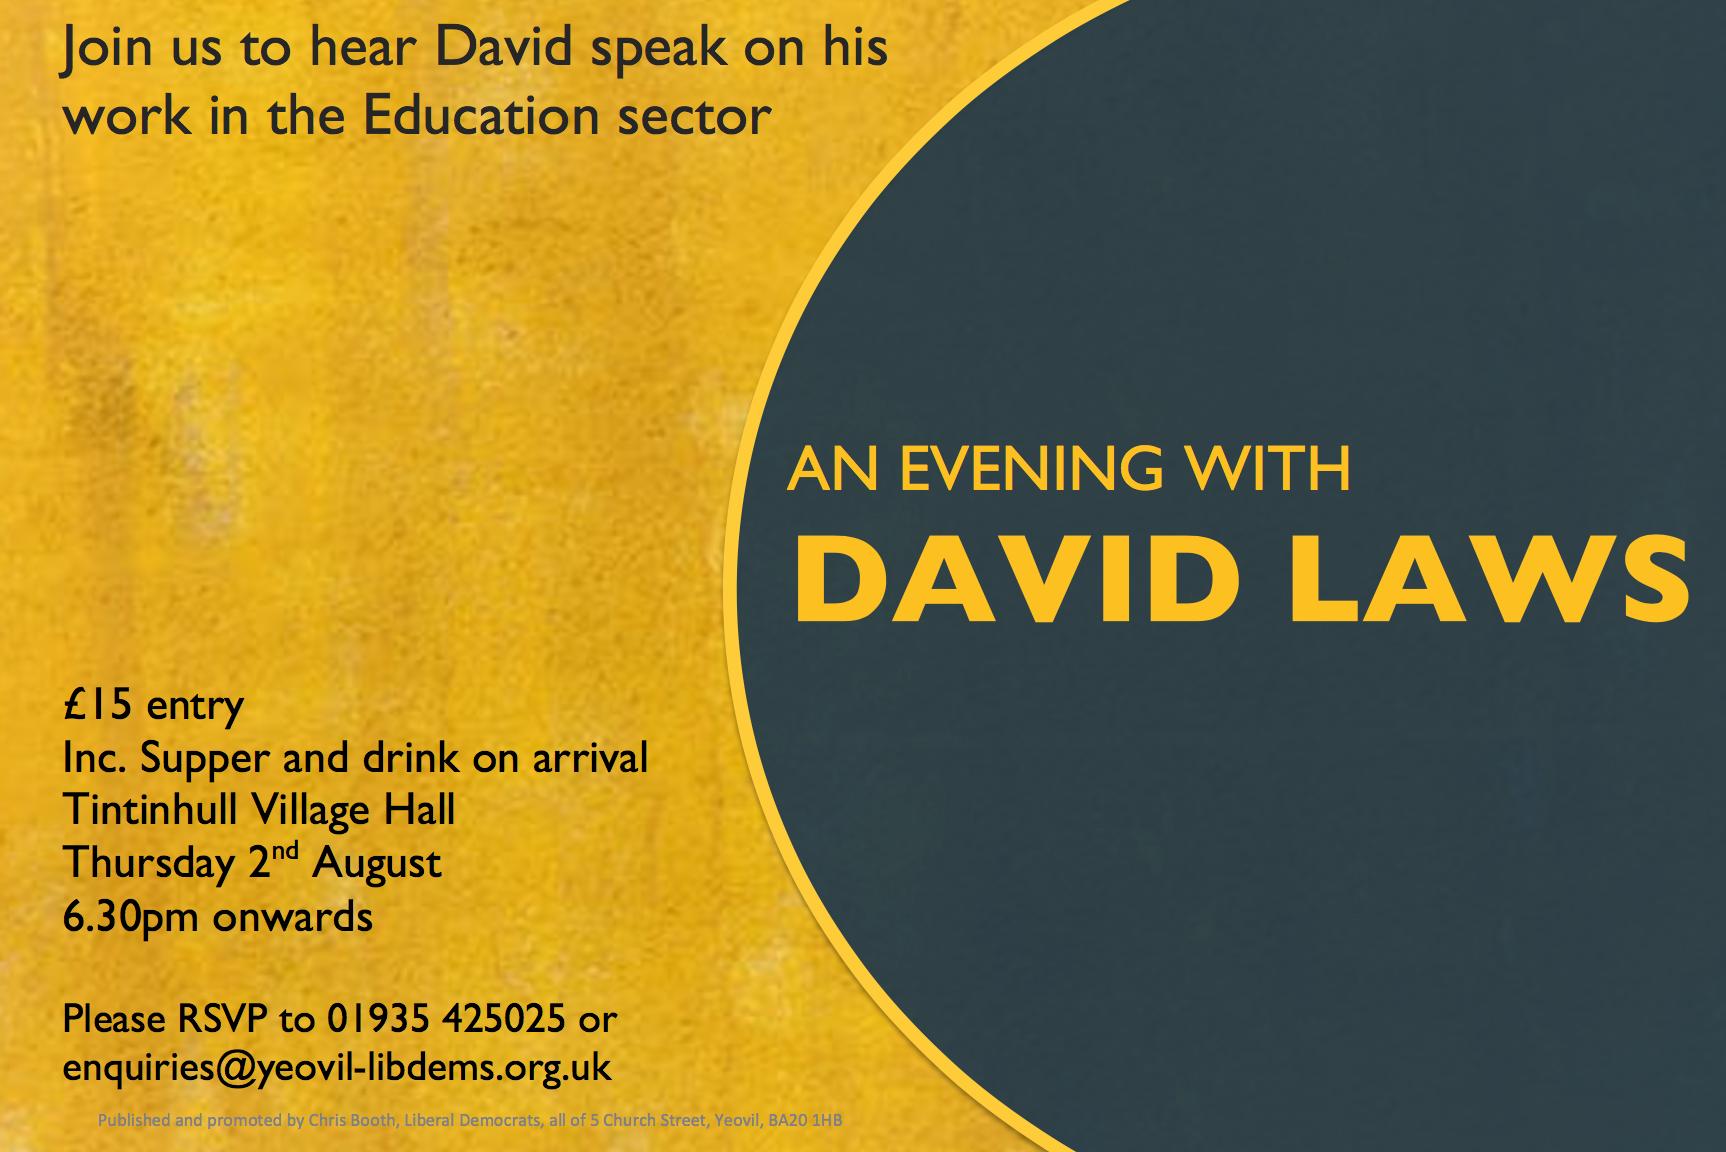 DavidLaws.png